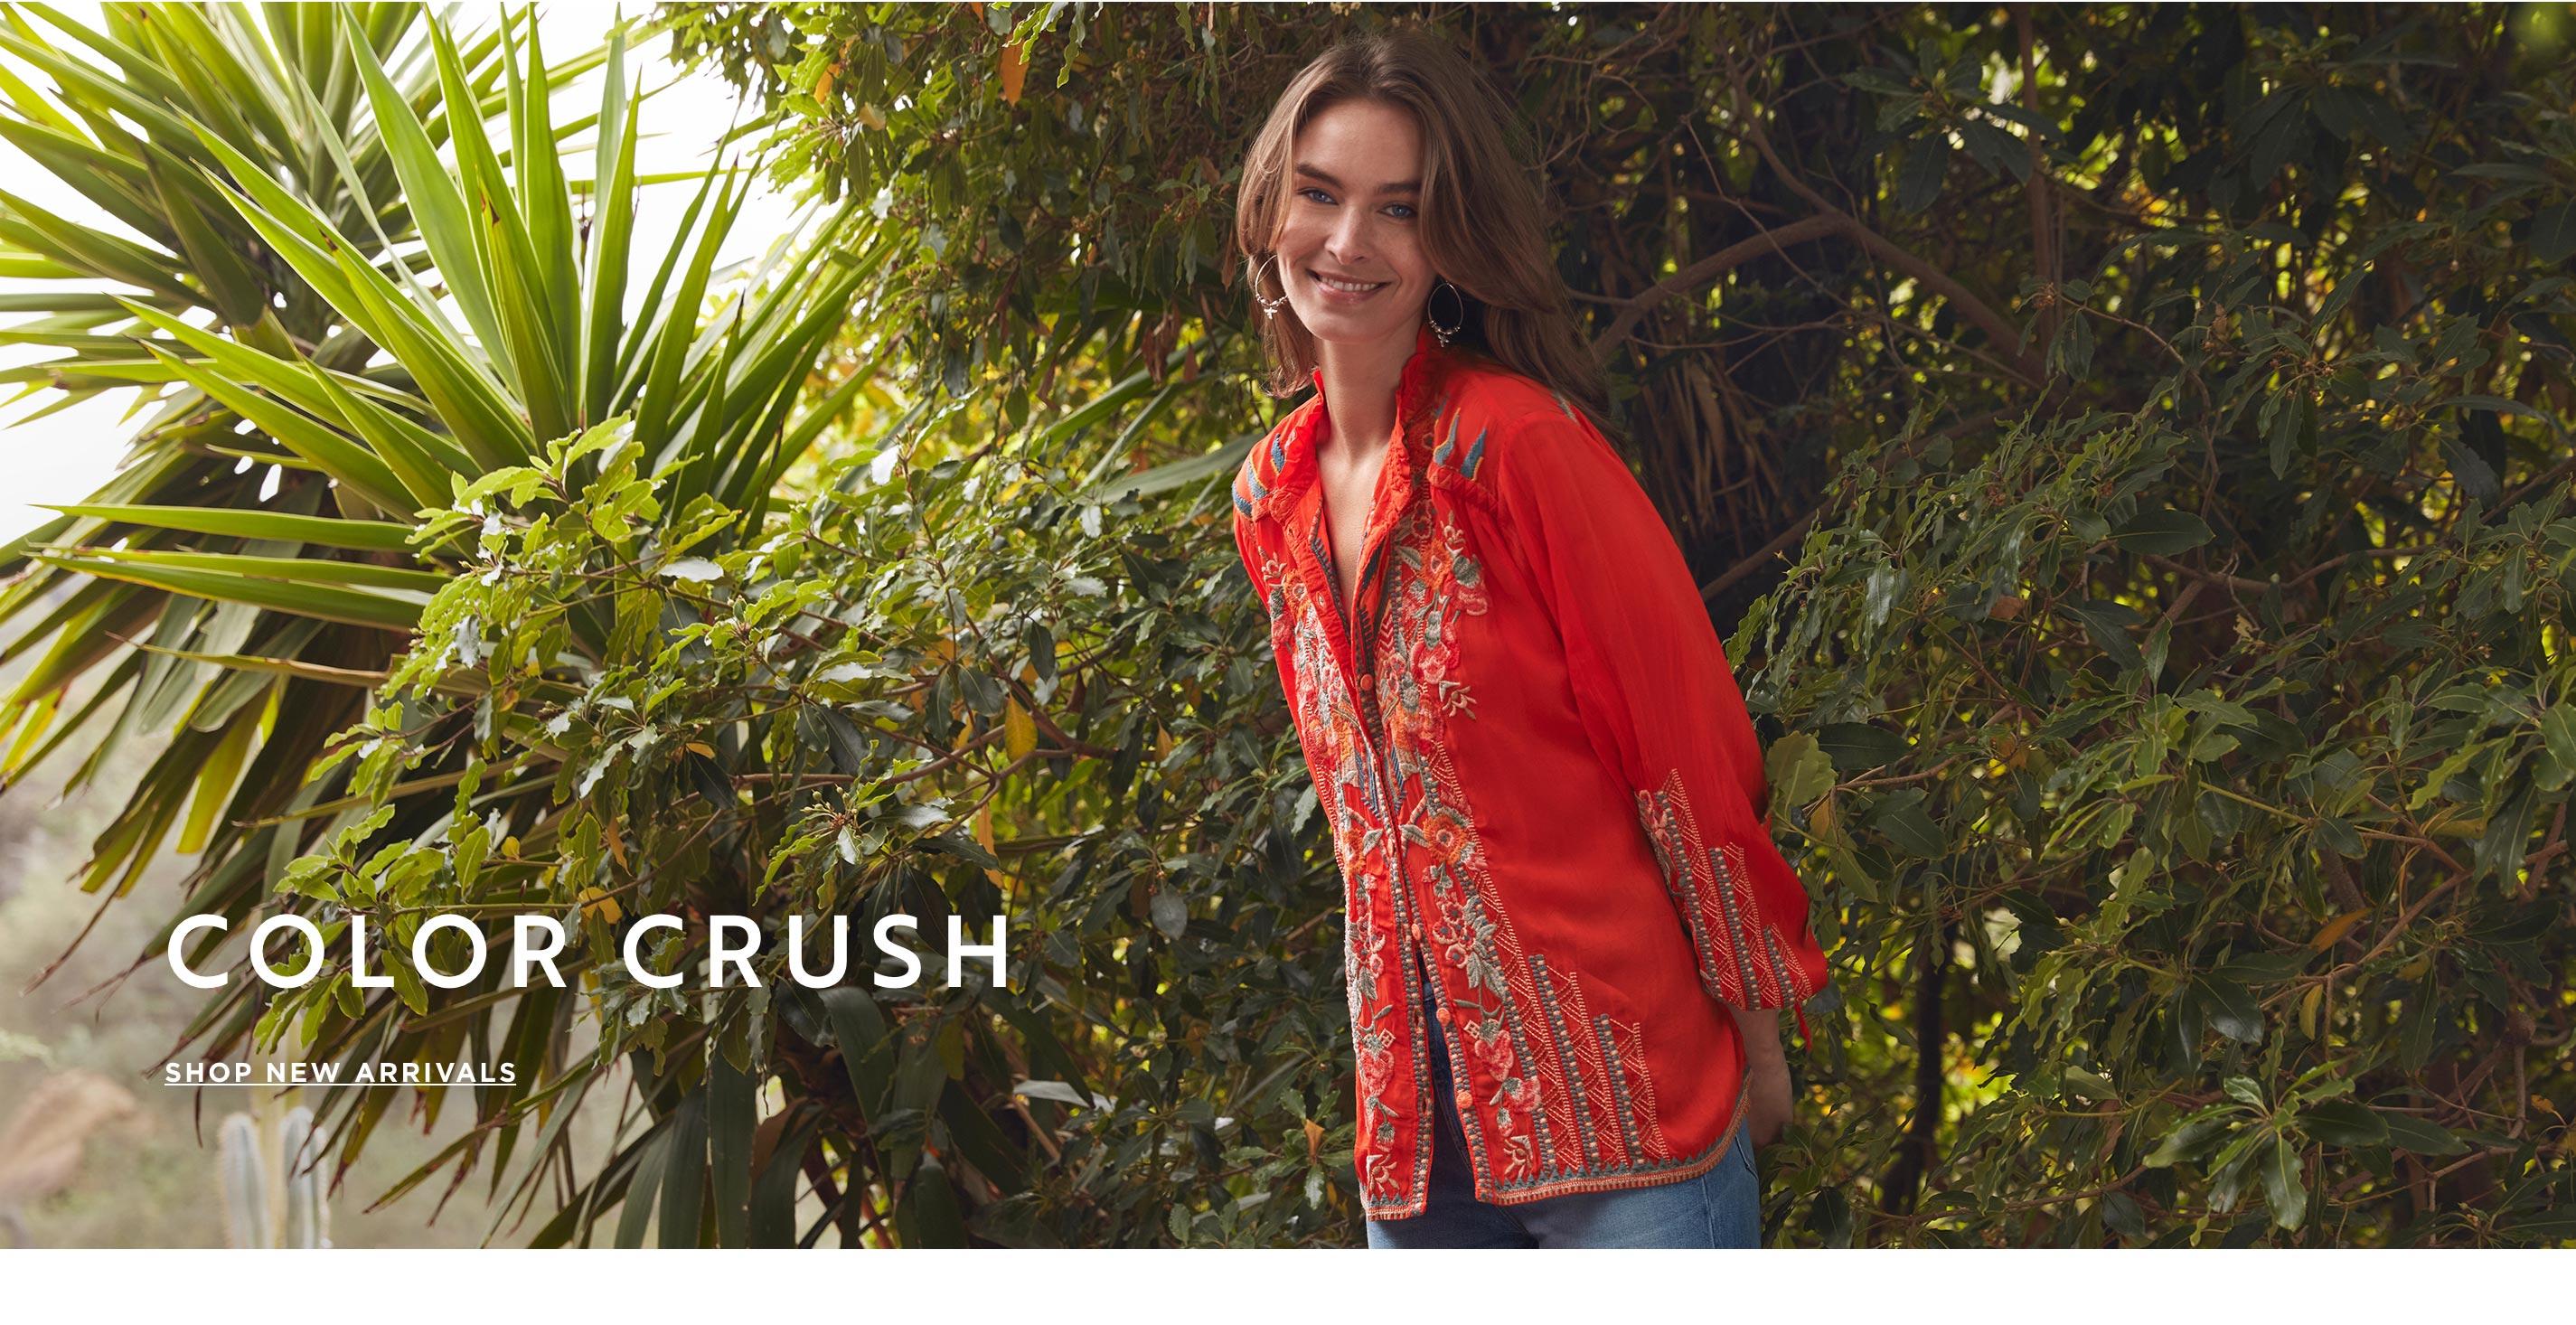 Color Crush – Shop New Arrivals